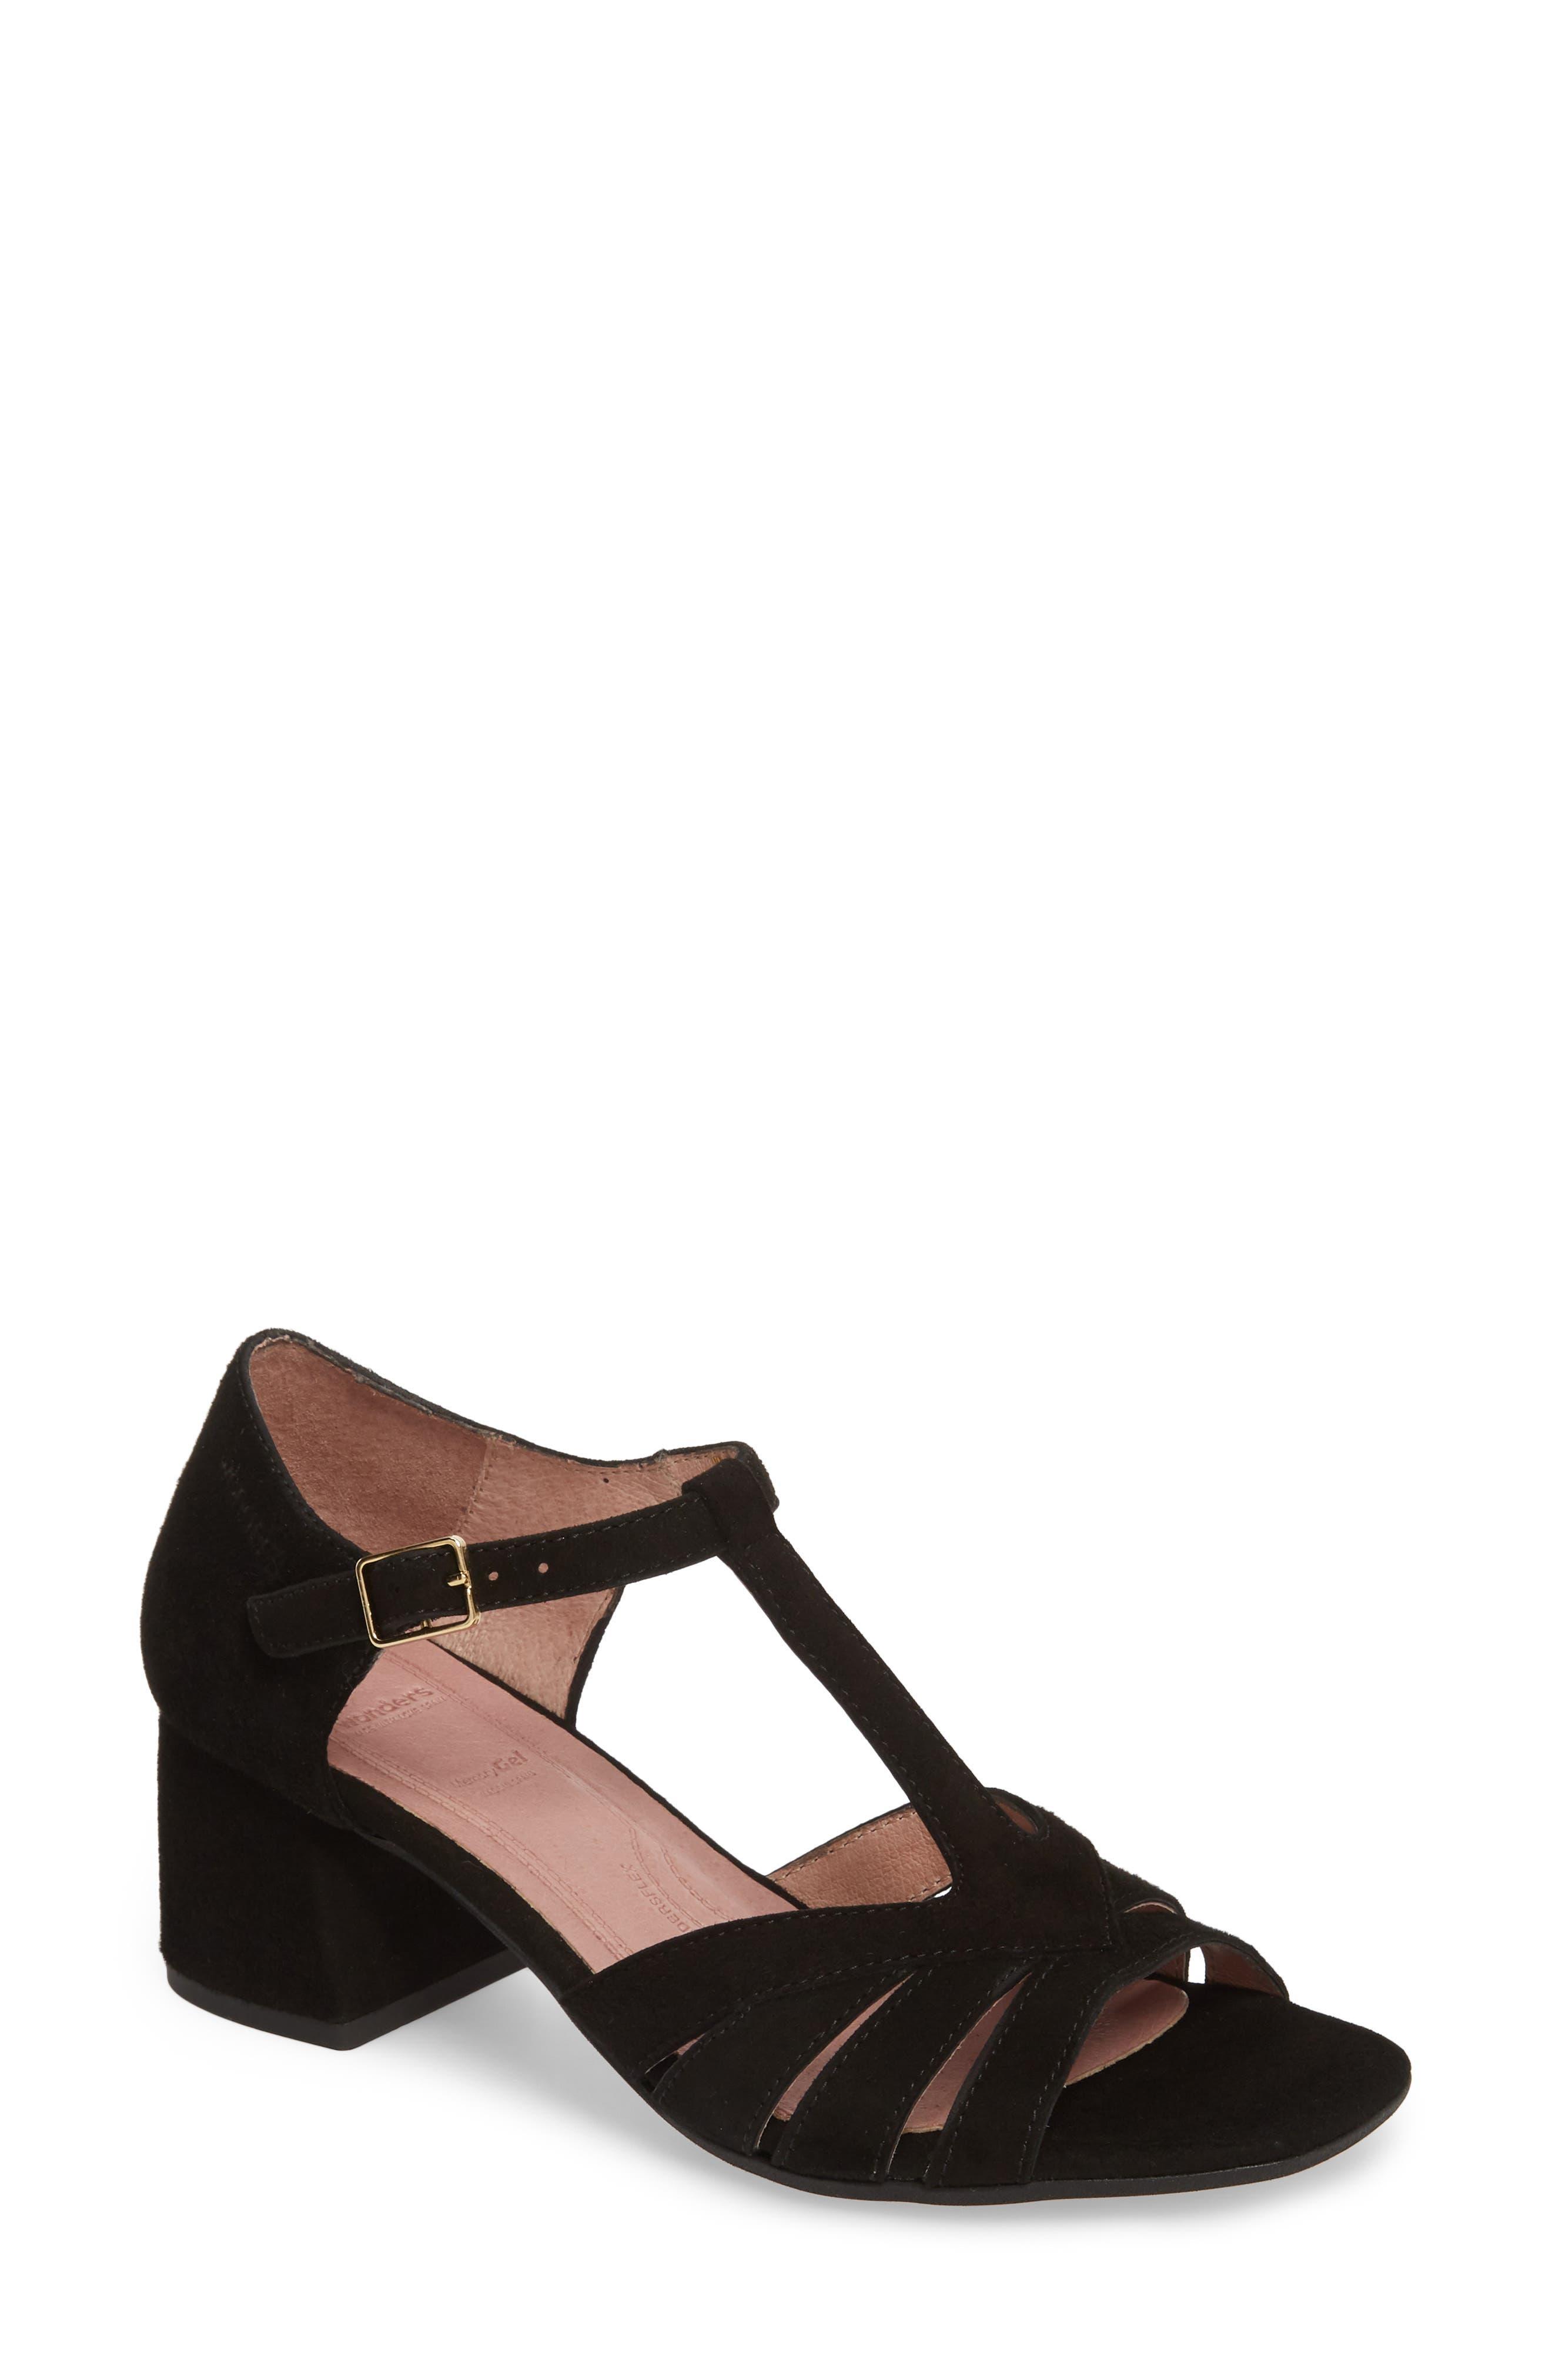 Wonders Block Heel Sandal - Black